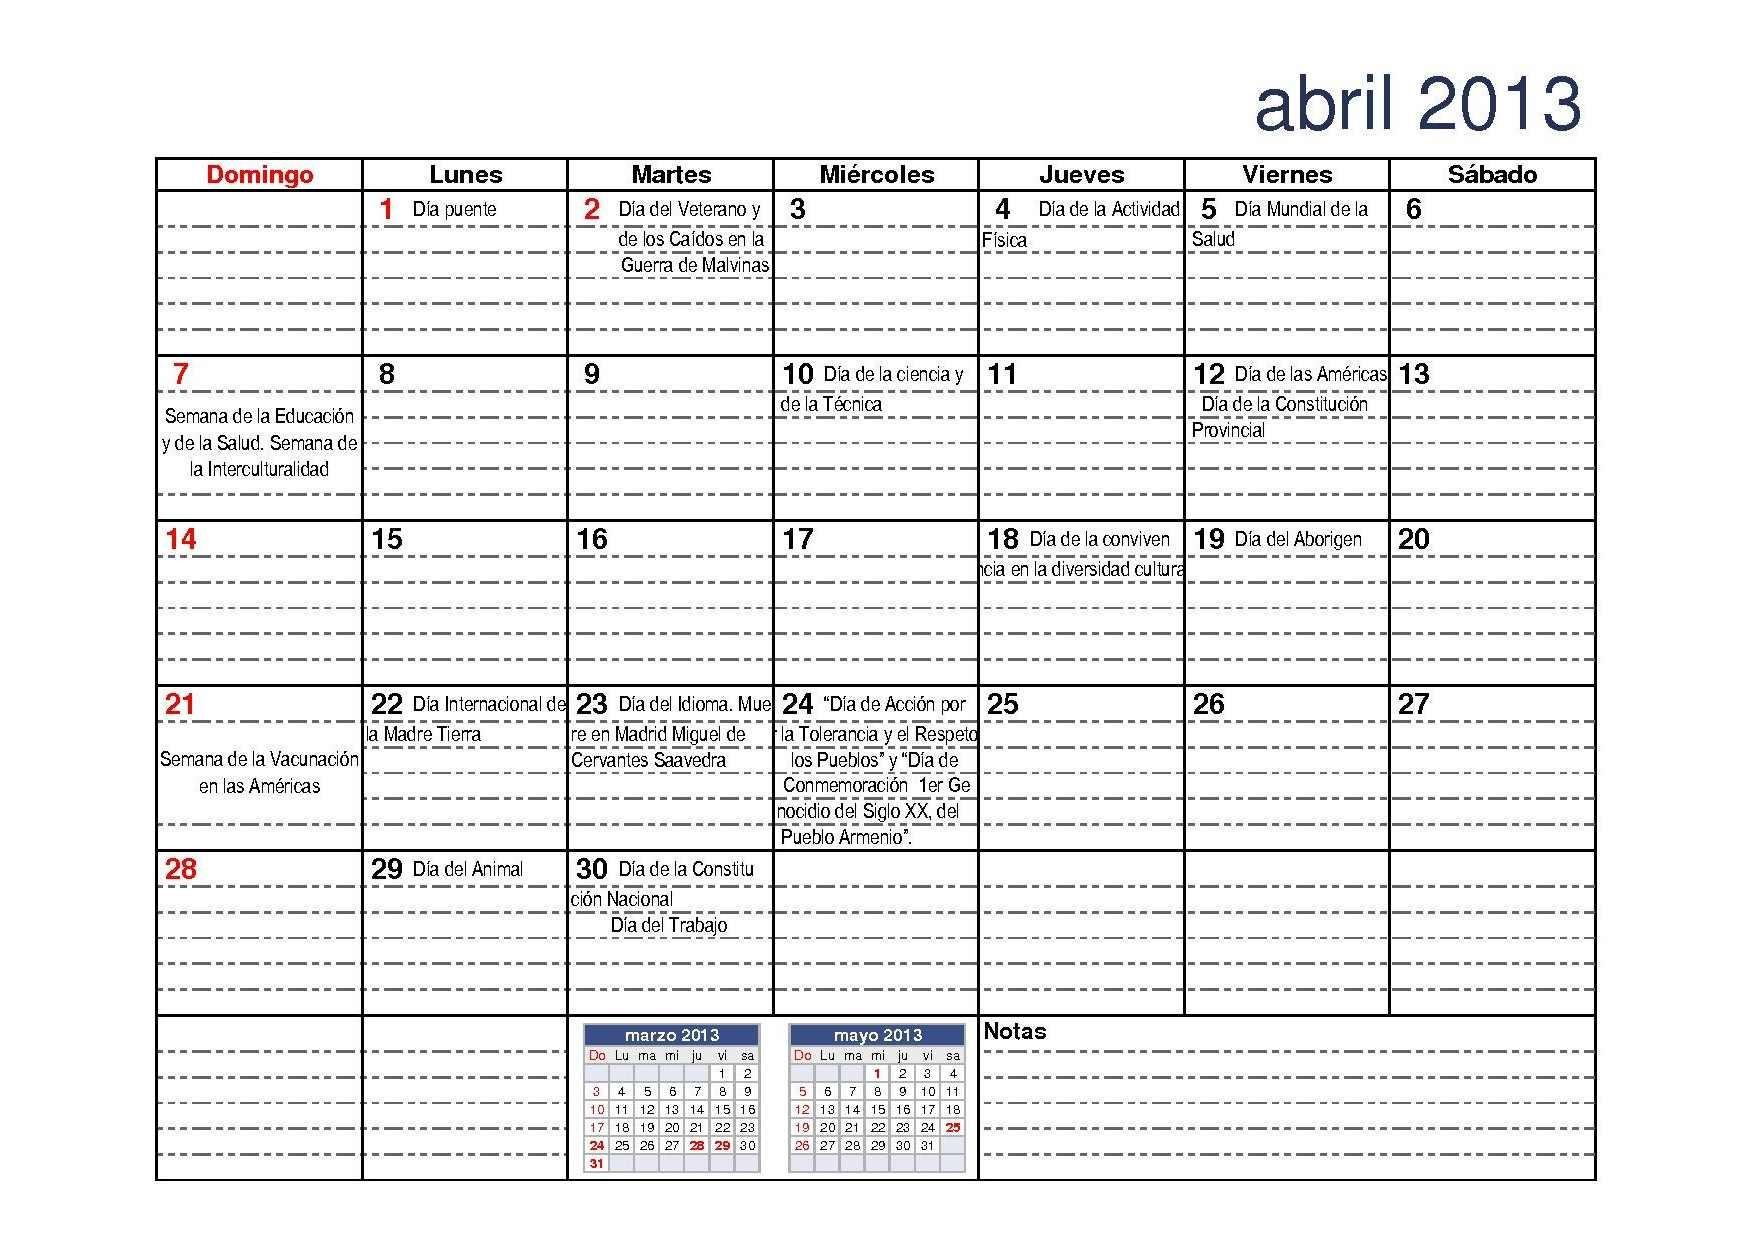 Calendario 2019 Chile Pdf Para Imprimir Más Reciente 2013 Marzo Para Jefaturas Regionales Y Distritales Of Calendario 2019 Chile Pdf Para Imprimir Actual Calendário 2019 Personalizado Para Imprimir 11 Calendarios 2017 Para